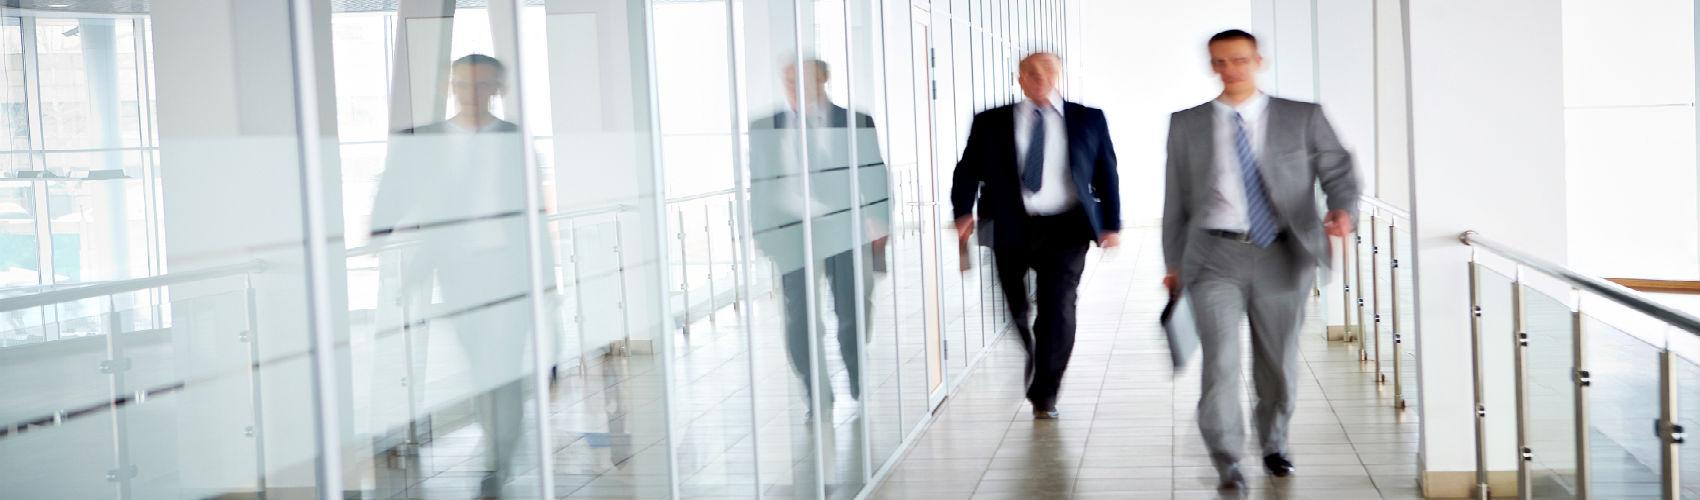 people in corridor-1700×500